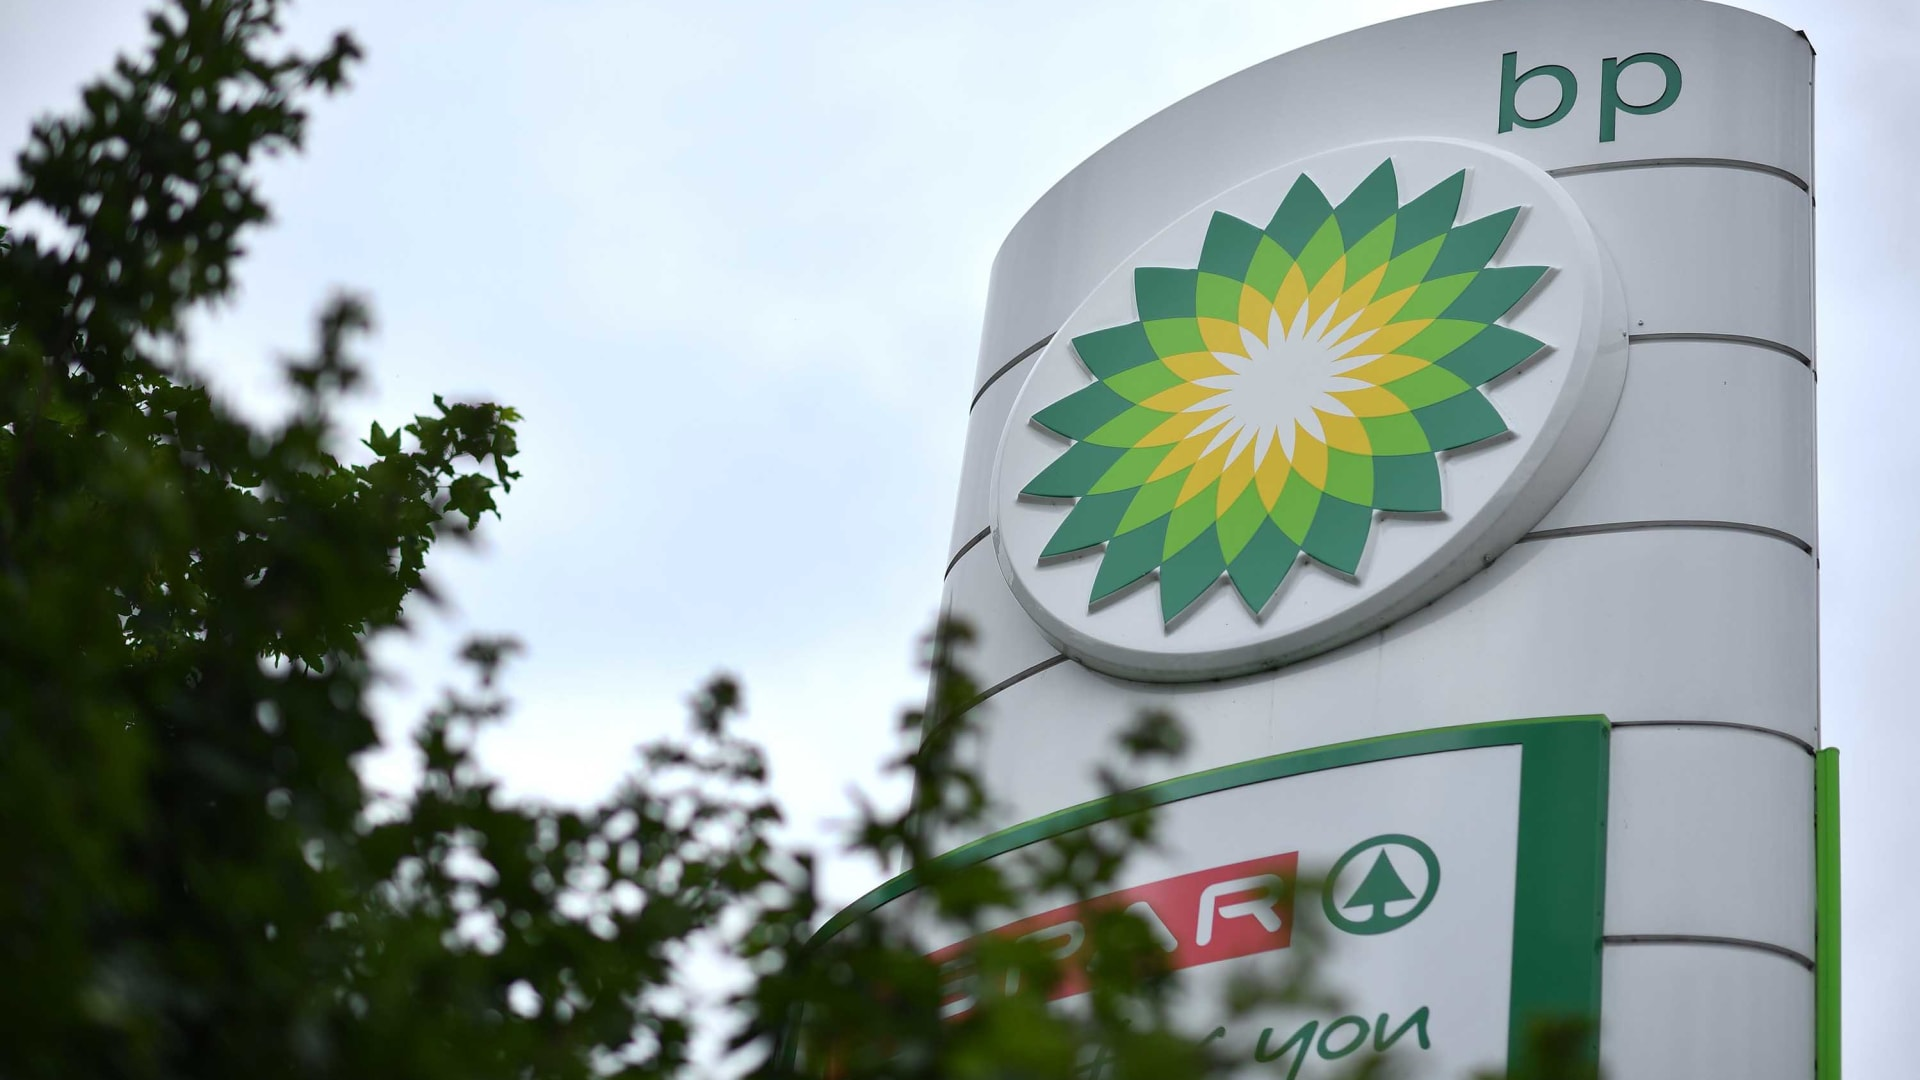 BP ستخفض إنتاج النفط بنسبة 40٪.. وتضخ مليارات الدولارات في الطاقة النظيفة